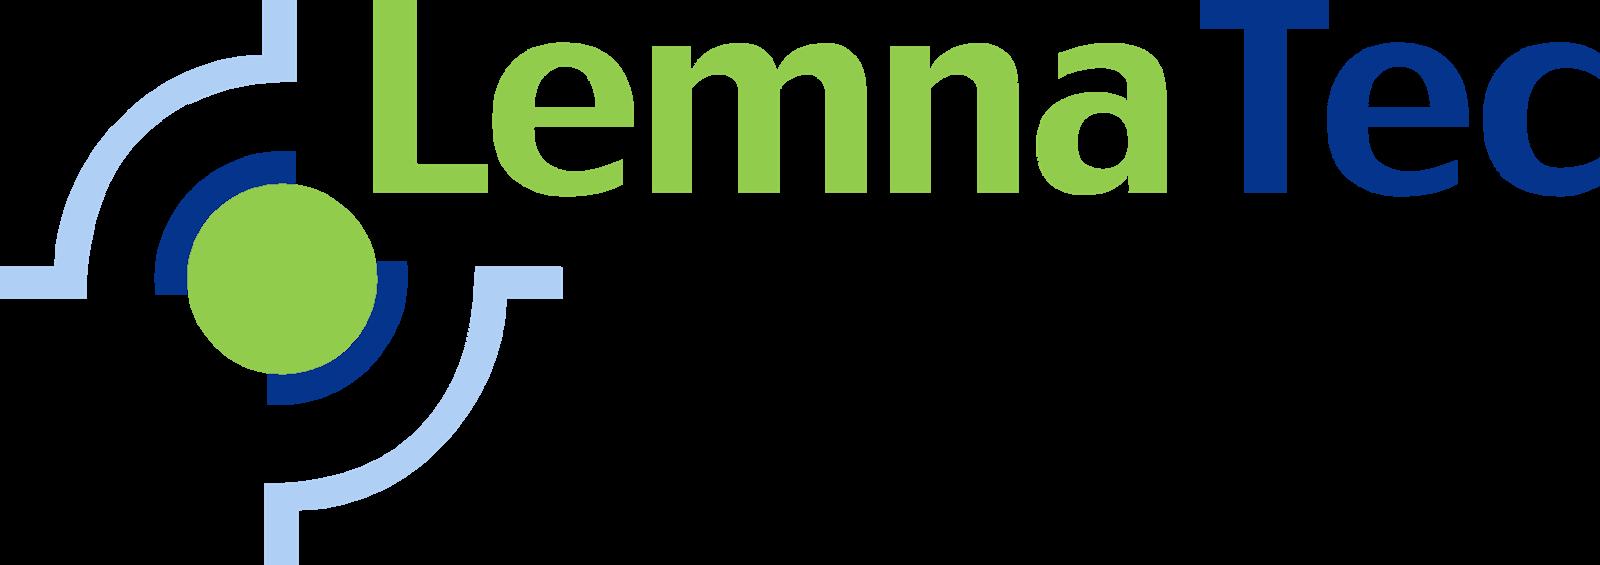 LemnaTec Corp.